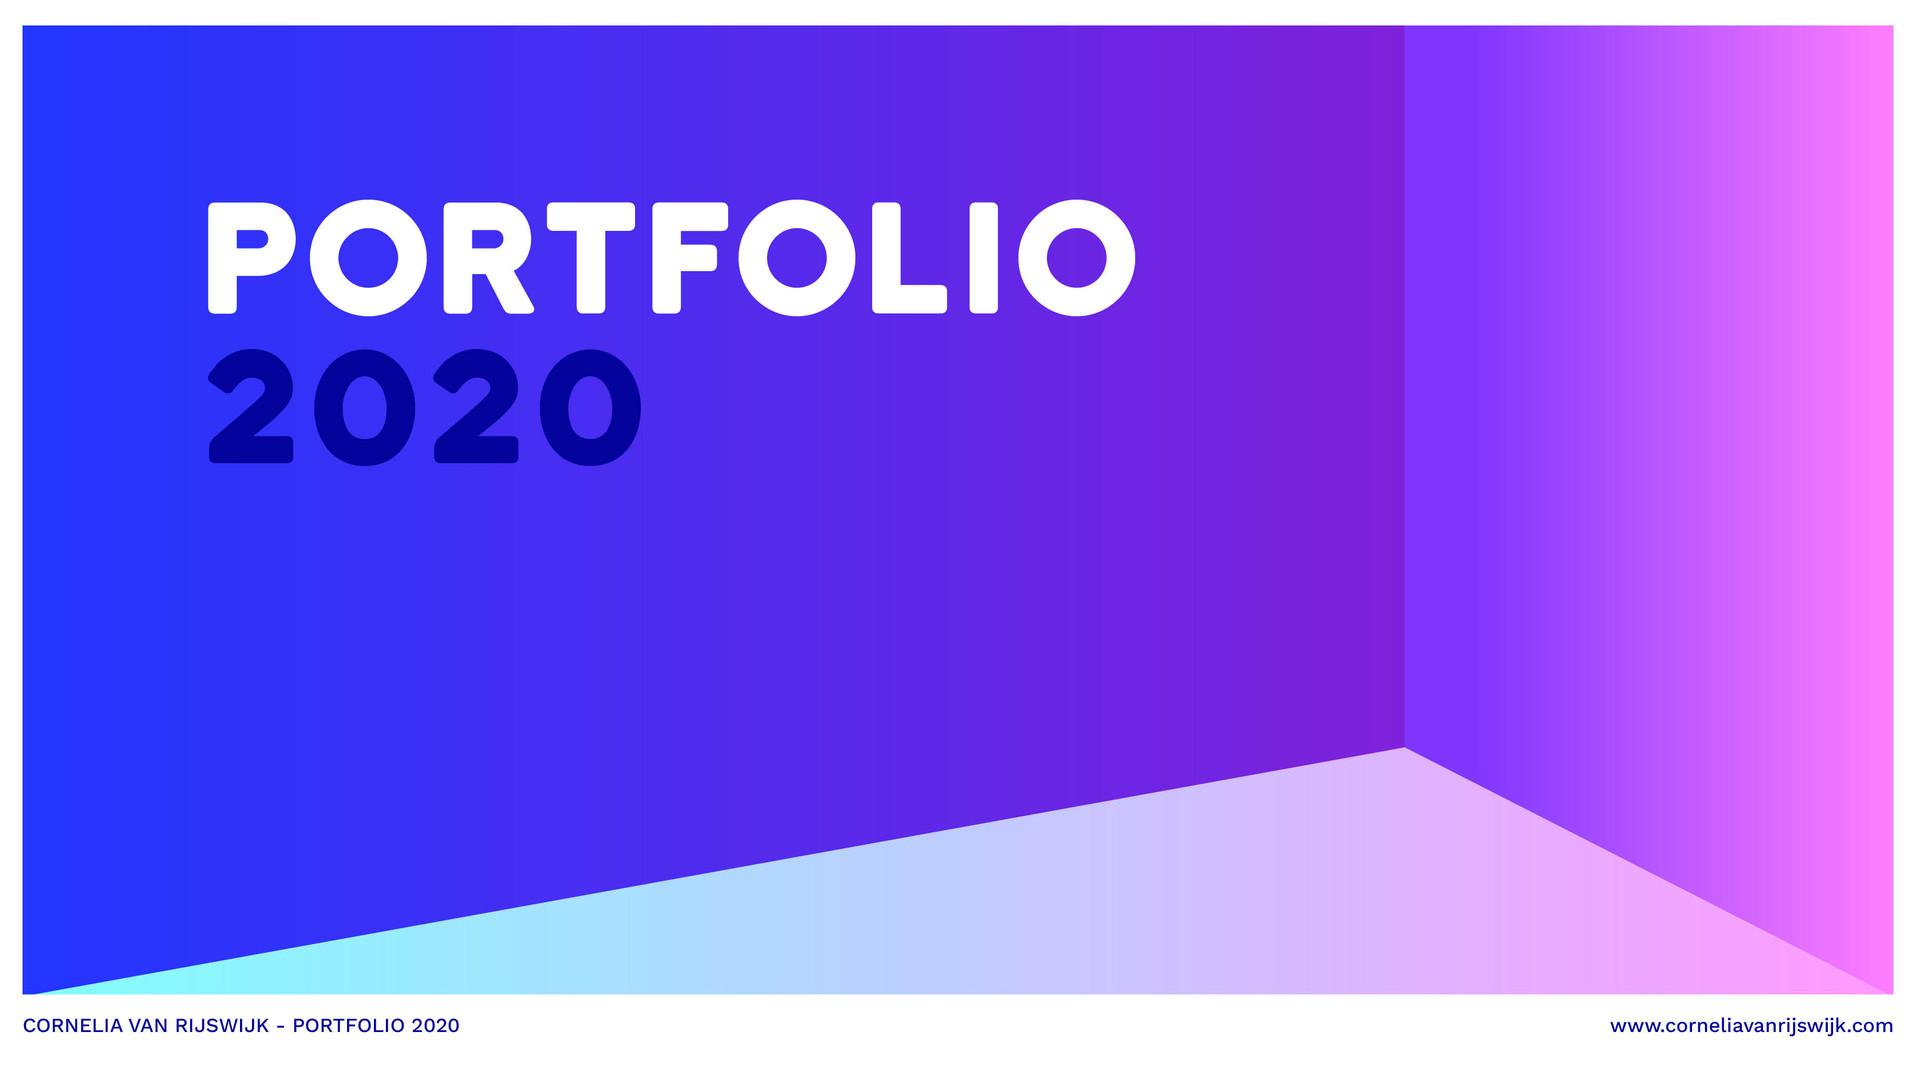 CORNELIA_VAN_RIJSWIJK_DESIGN_PORTFOLIO_2020.jpg